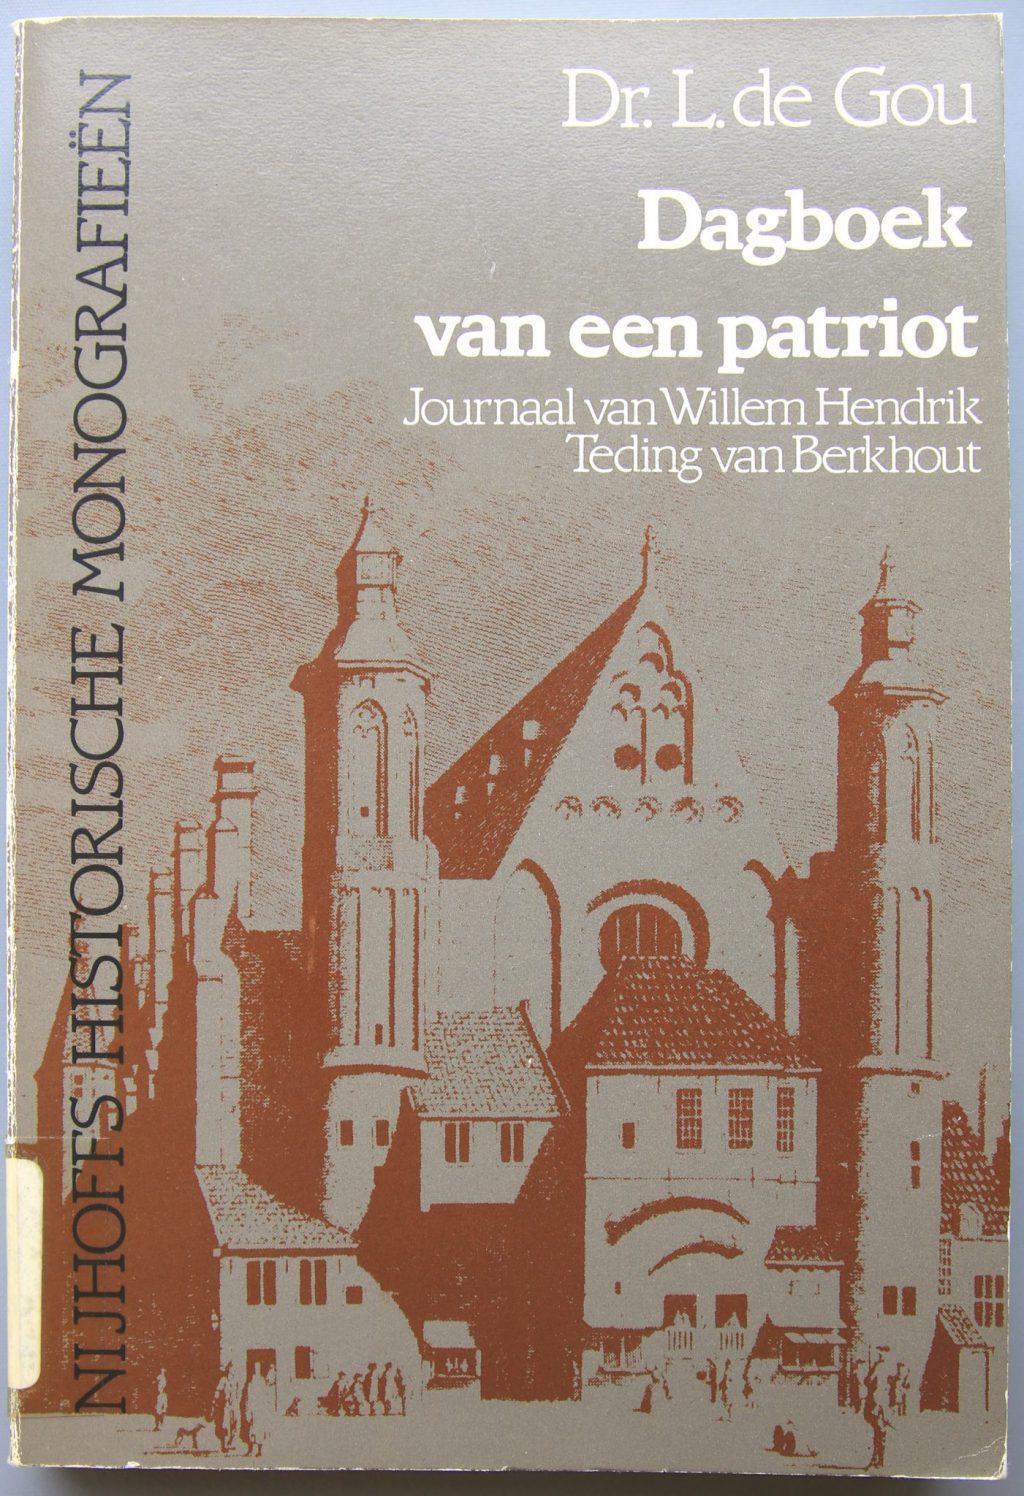 L. de Gou, Dagboek van een patriot. Journaal van Willem Hendrik Teding van Berkhout (Den Haag 1982) (bibliotheek)